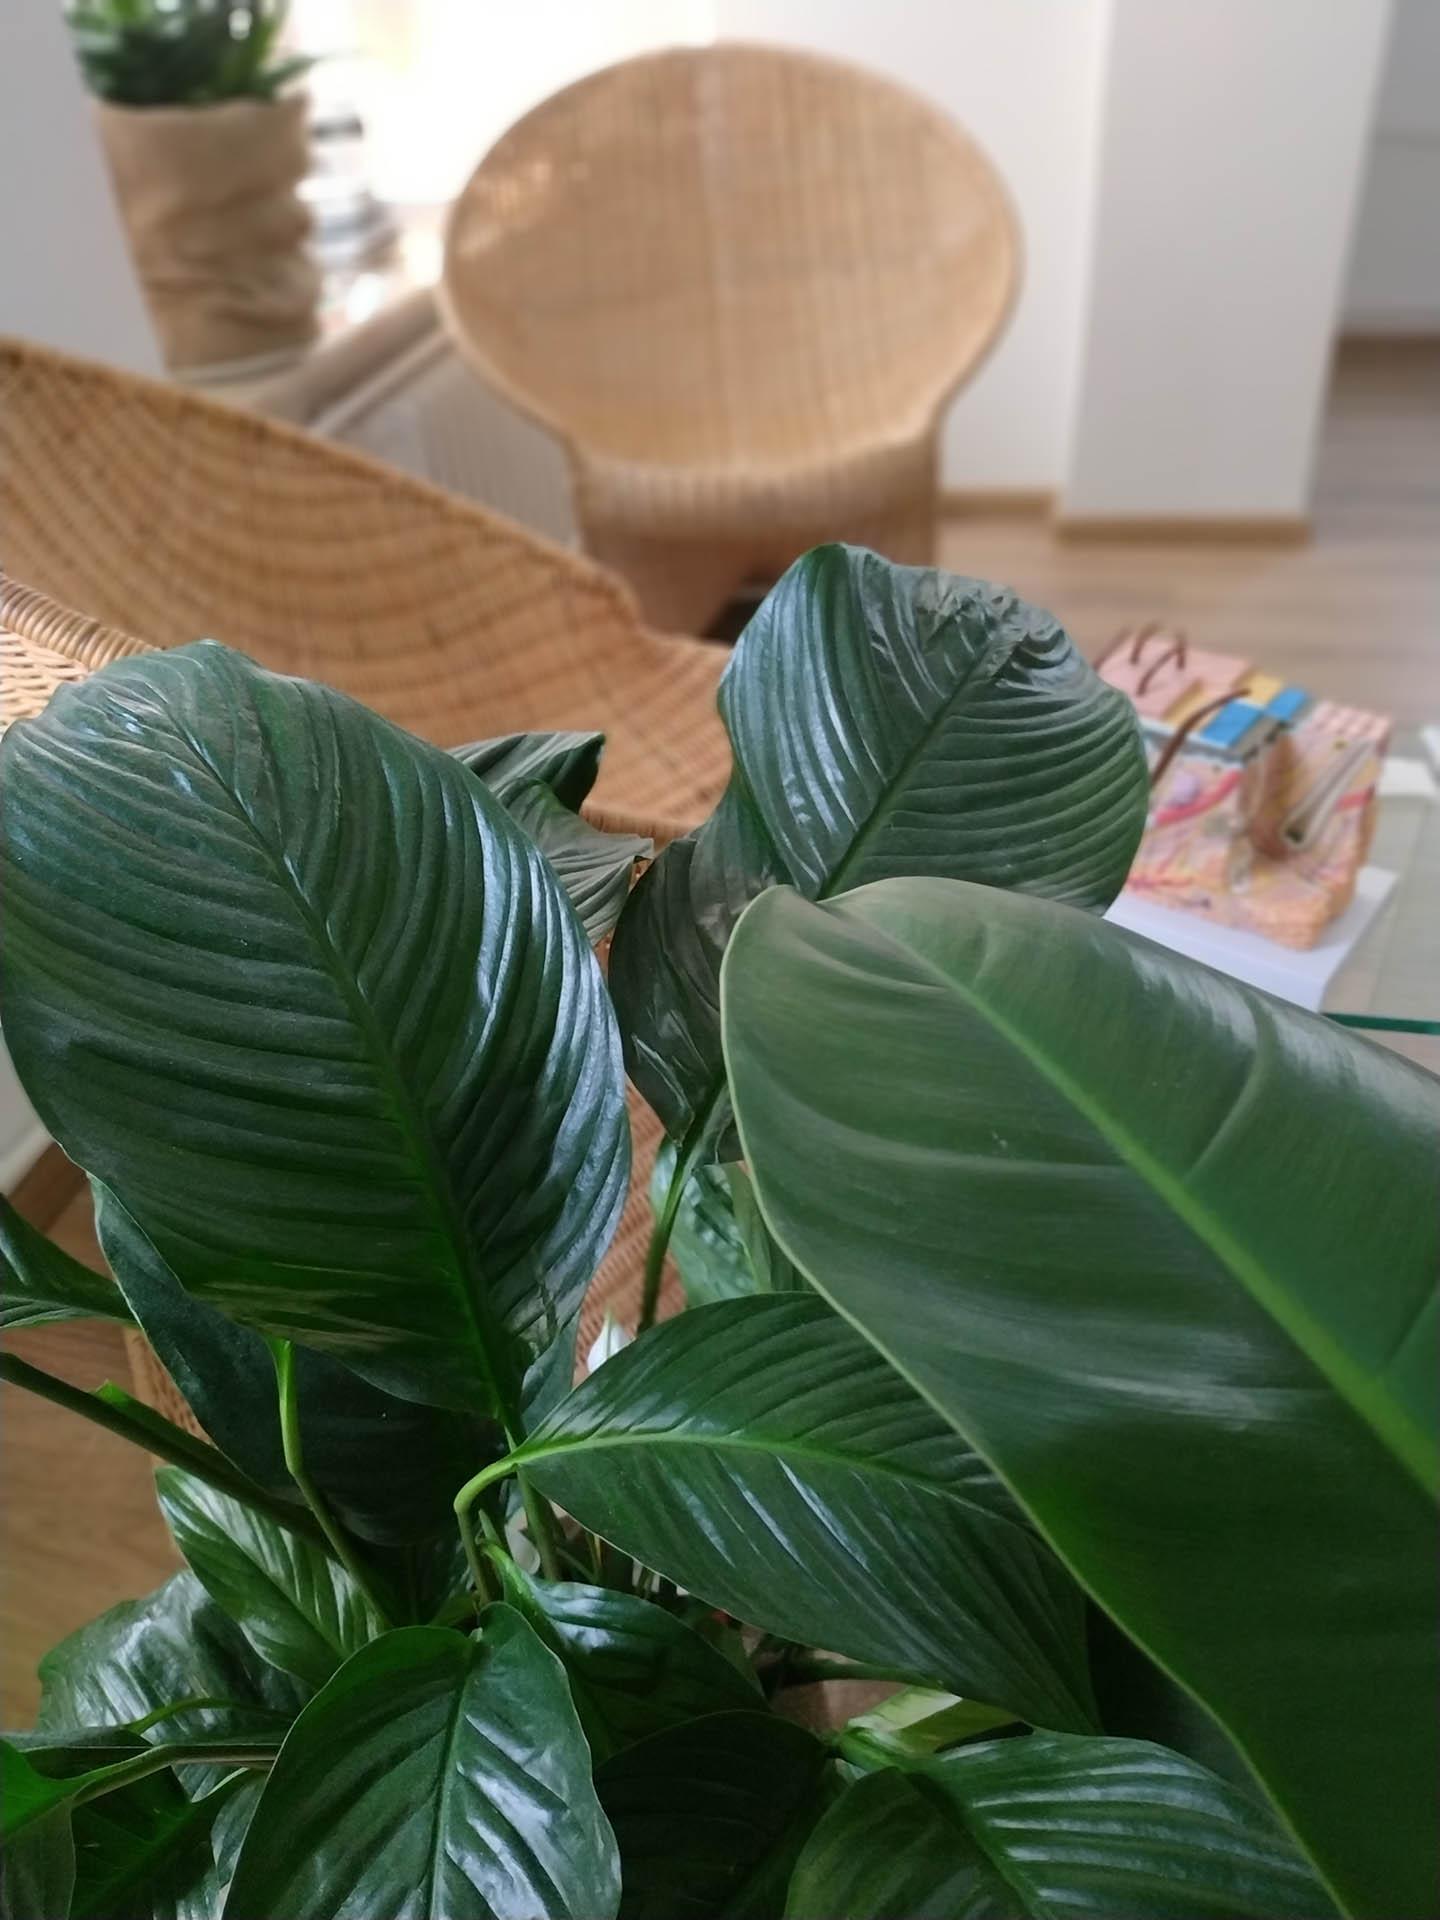 Widok na siedzenie znad liści rośliny